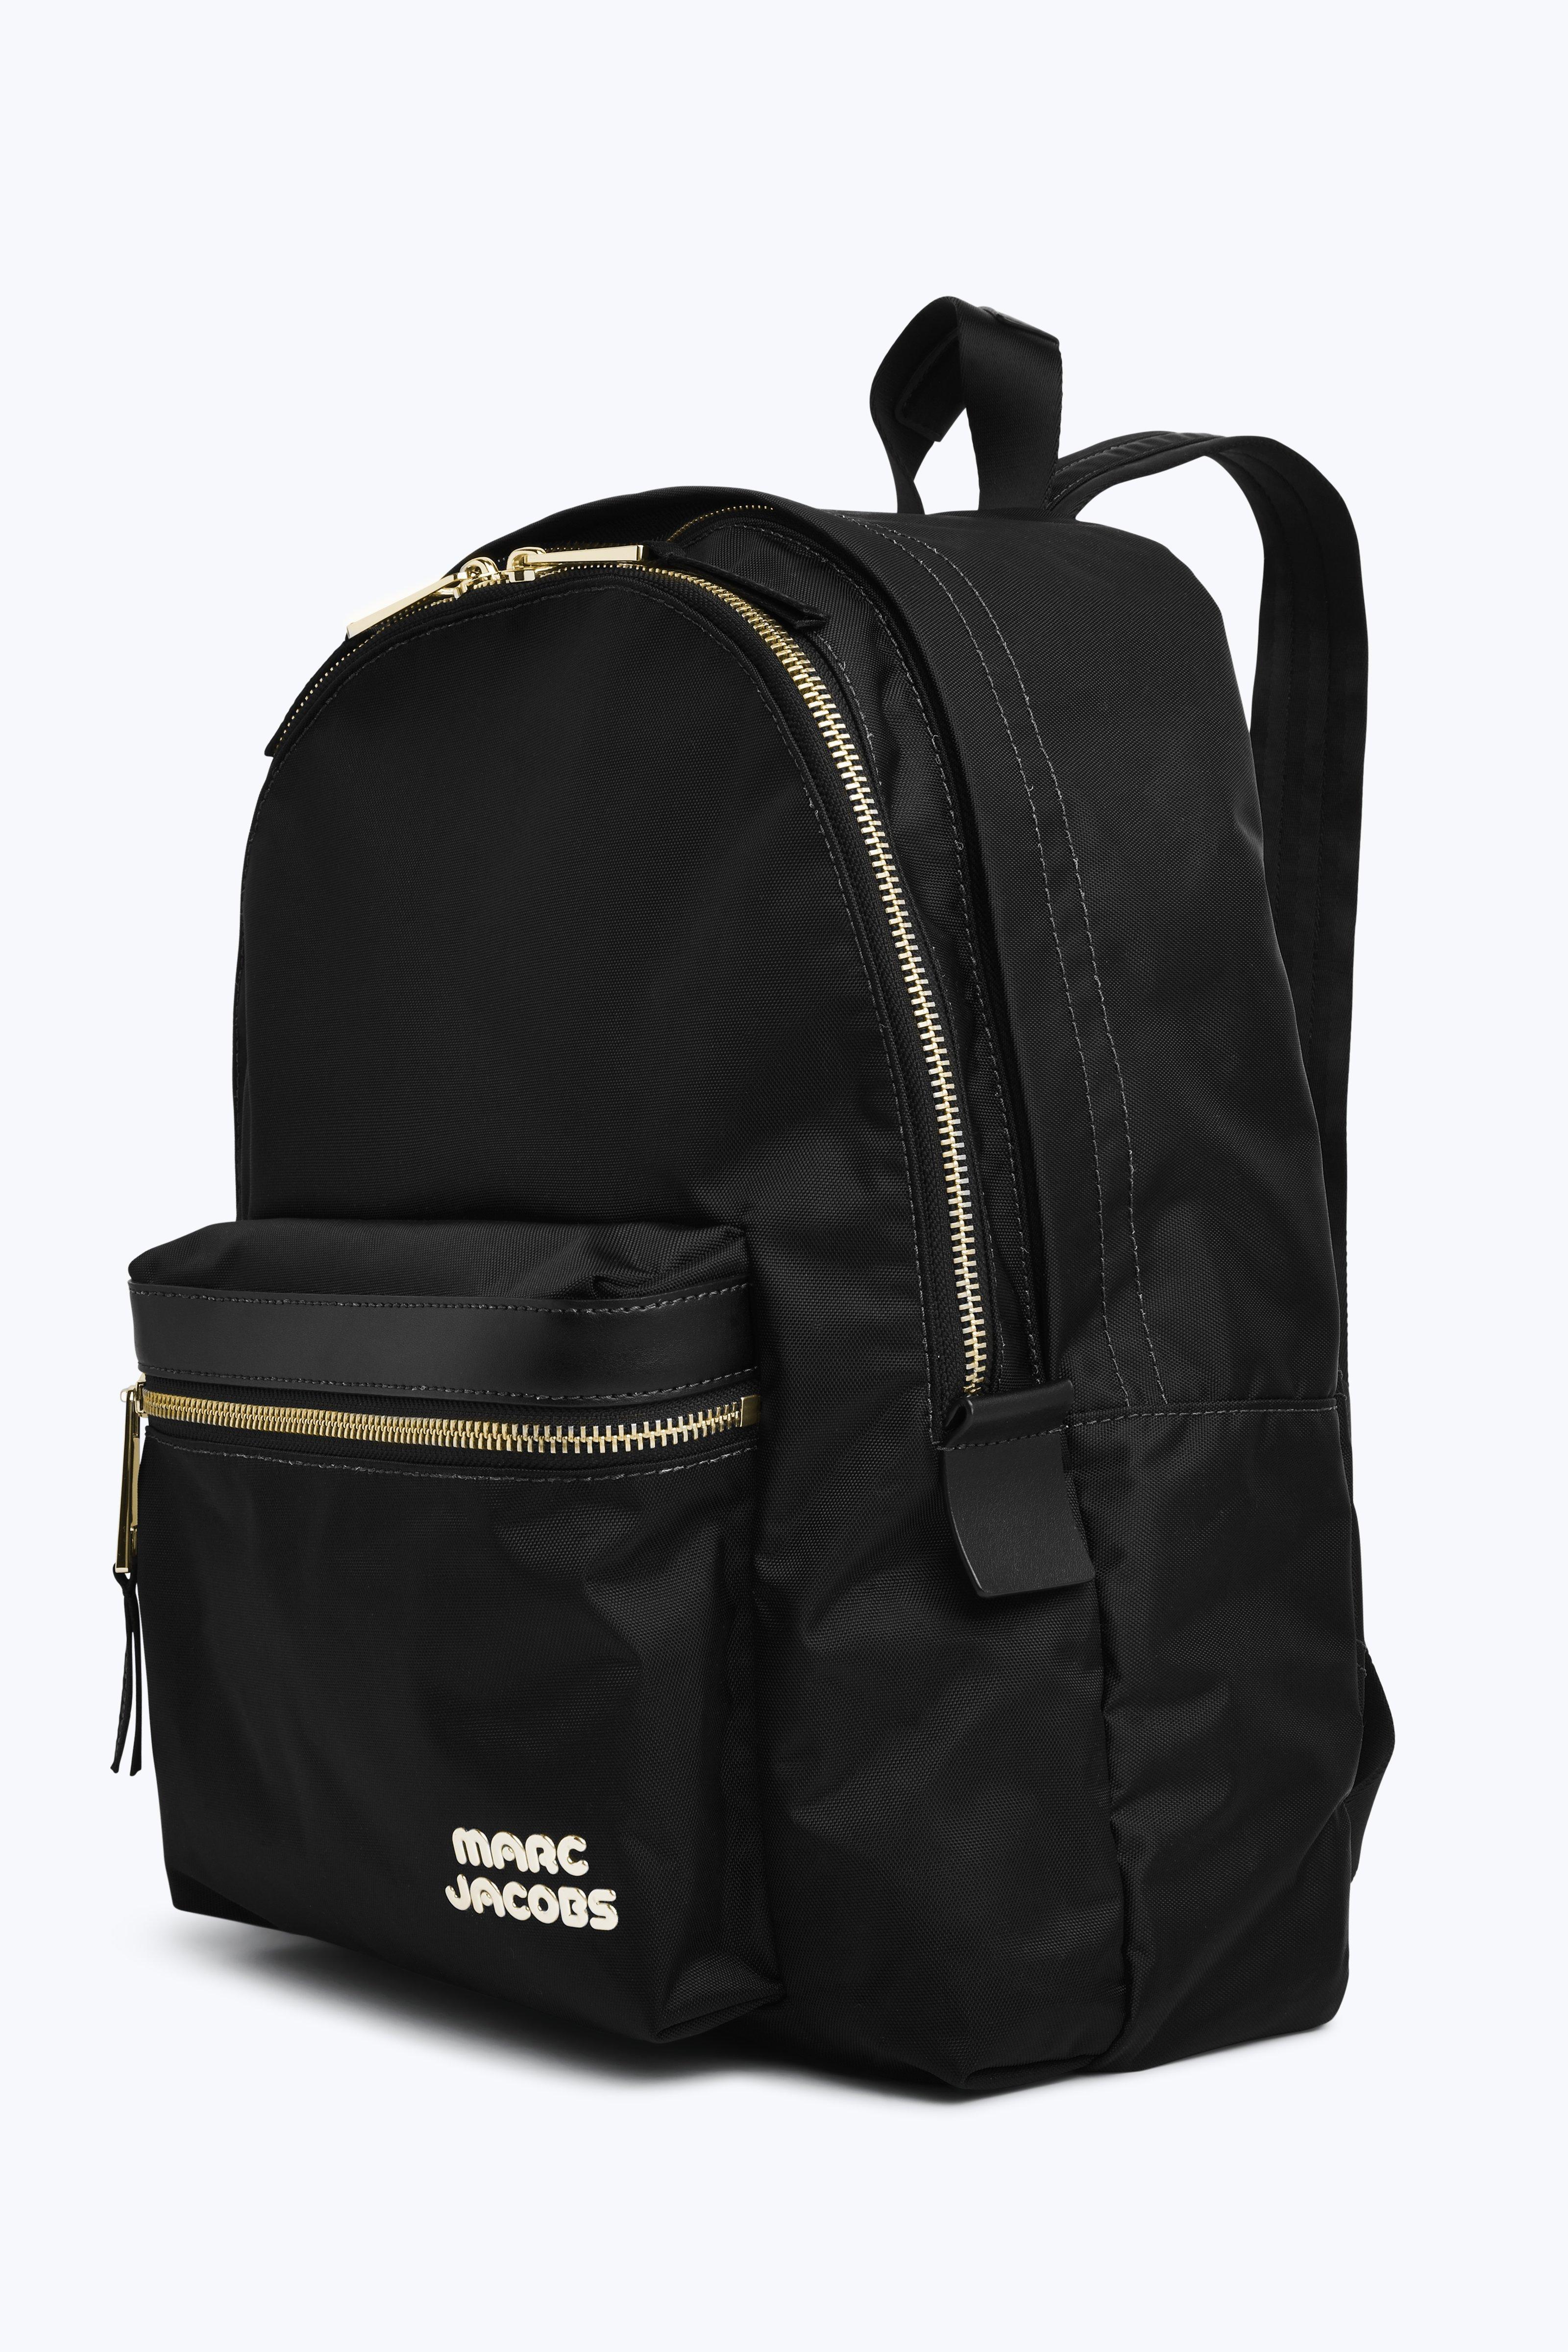 Marc Jacobs Randonnée Moyen Sac À Dos Pour Le Pack visite Ordre De Vente acheter Pas Cher Finishline KBHzJ4Z